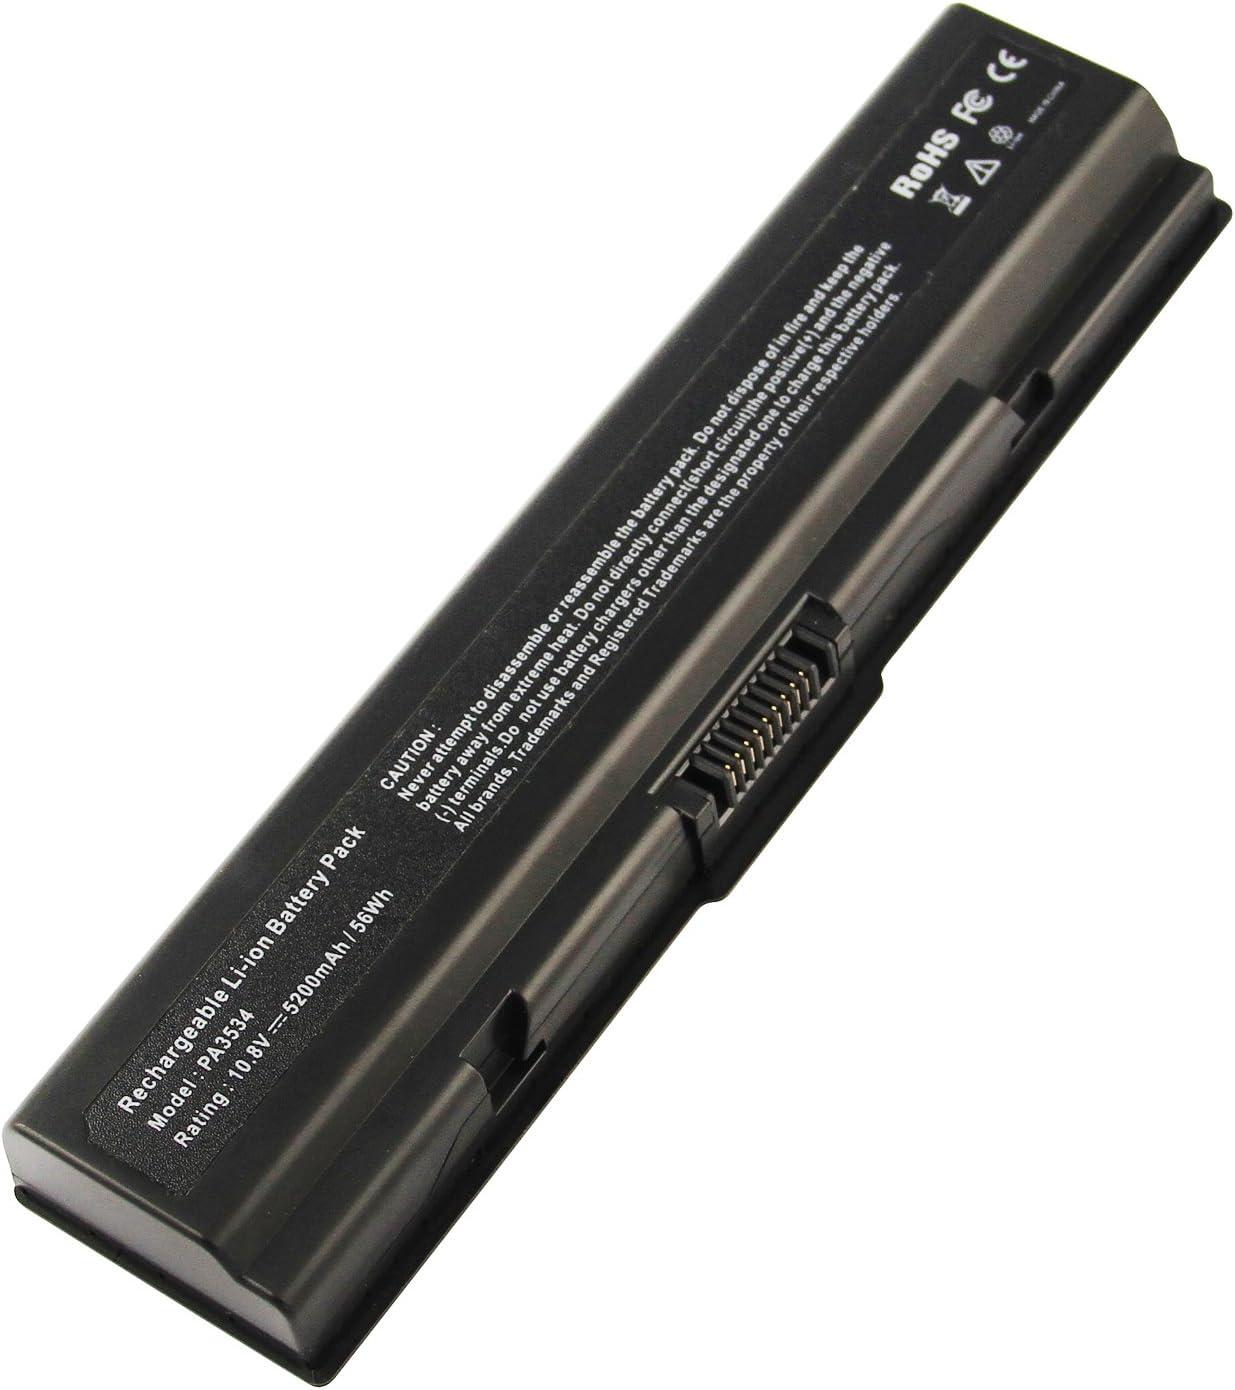 AC Doctor INC 5200mAh Battery for Toshiba Satellite A305-S6837 L305-S5875 L505-ES5018 A305-S6898 L201 Laptop Battery PA3533U-1BAS PA3682U-1BRS PA3793U-1BRS PABAS174